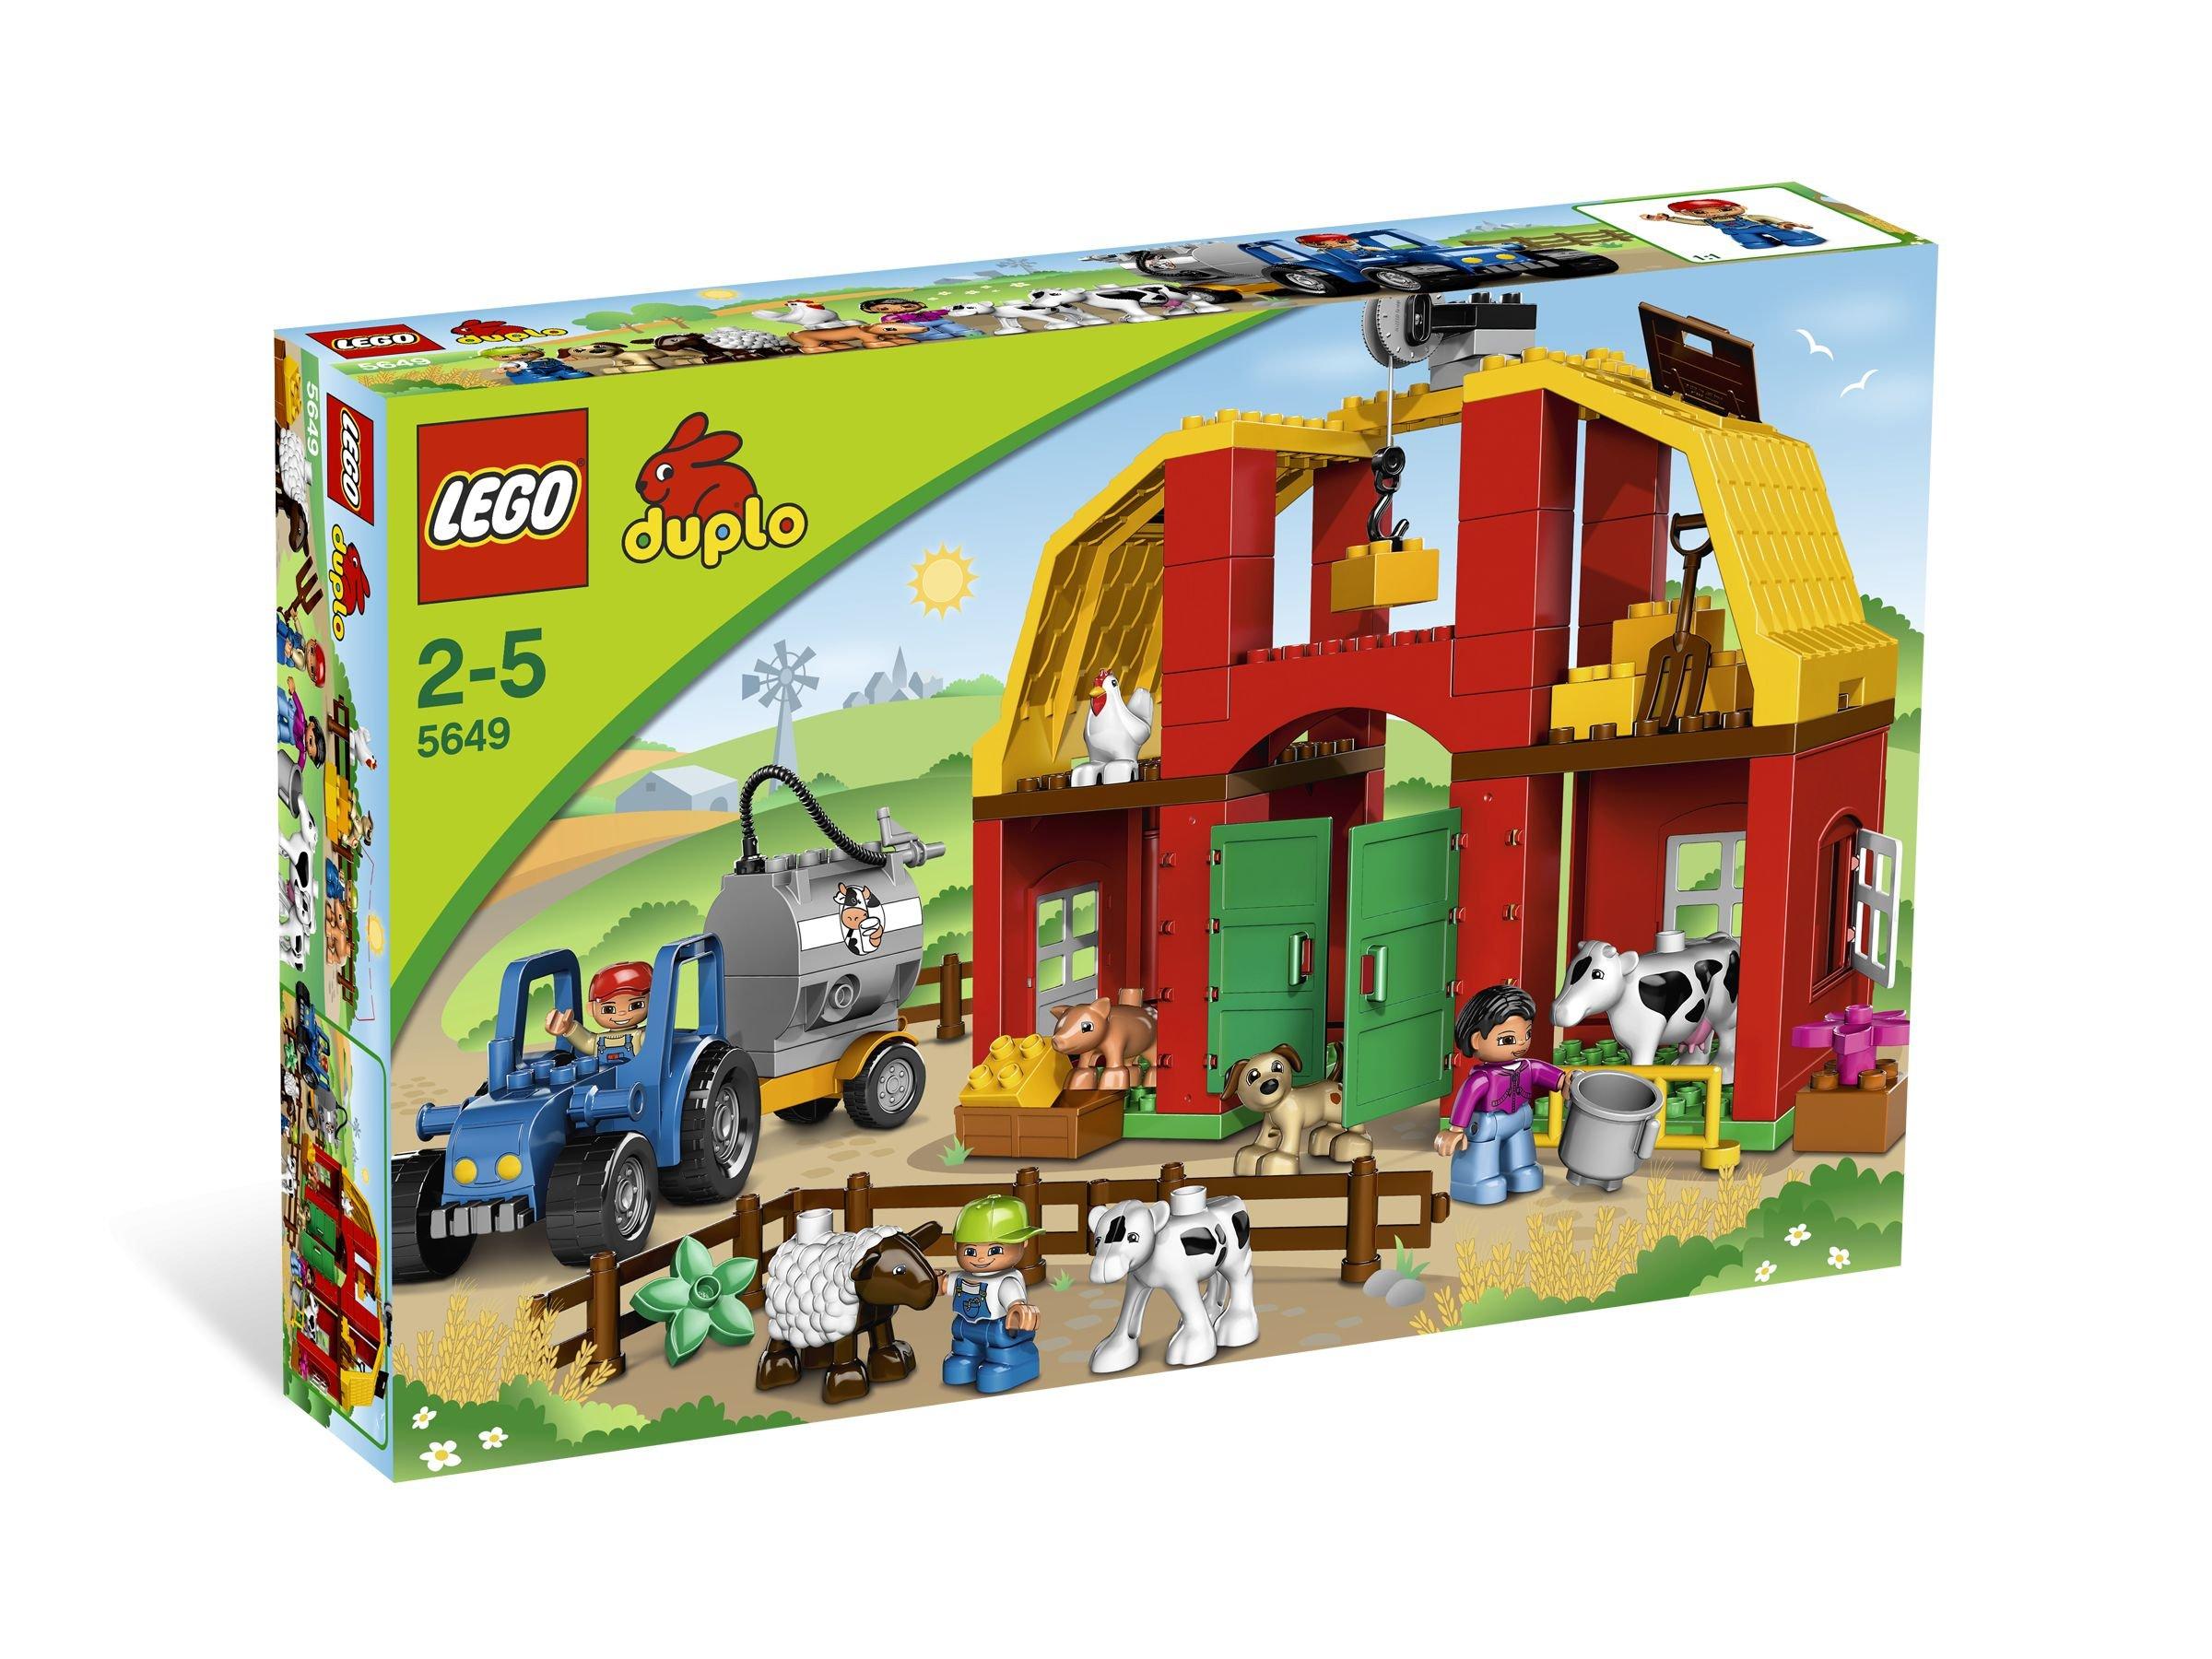 Lego Duplo 5649 Großer Bauernhof Mit Bildern Lifesteyl